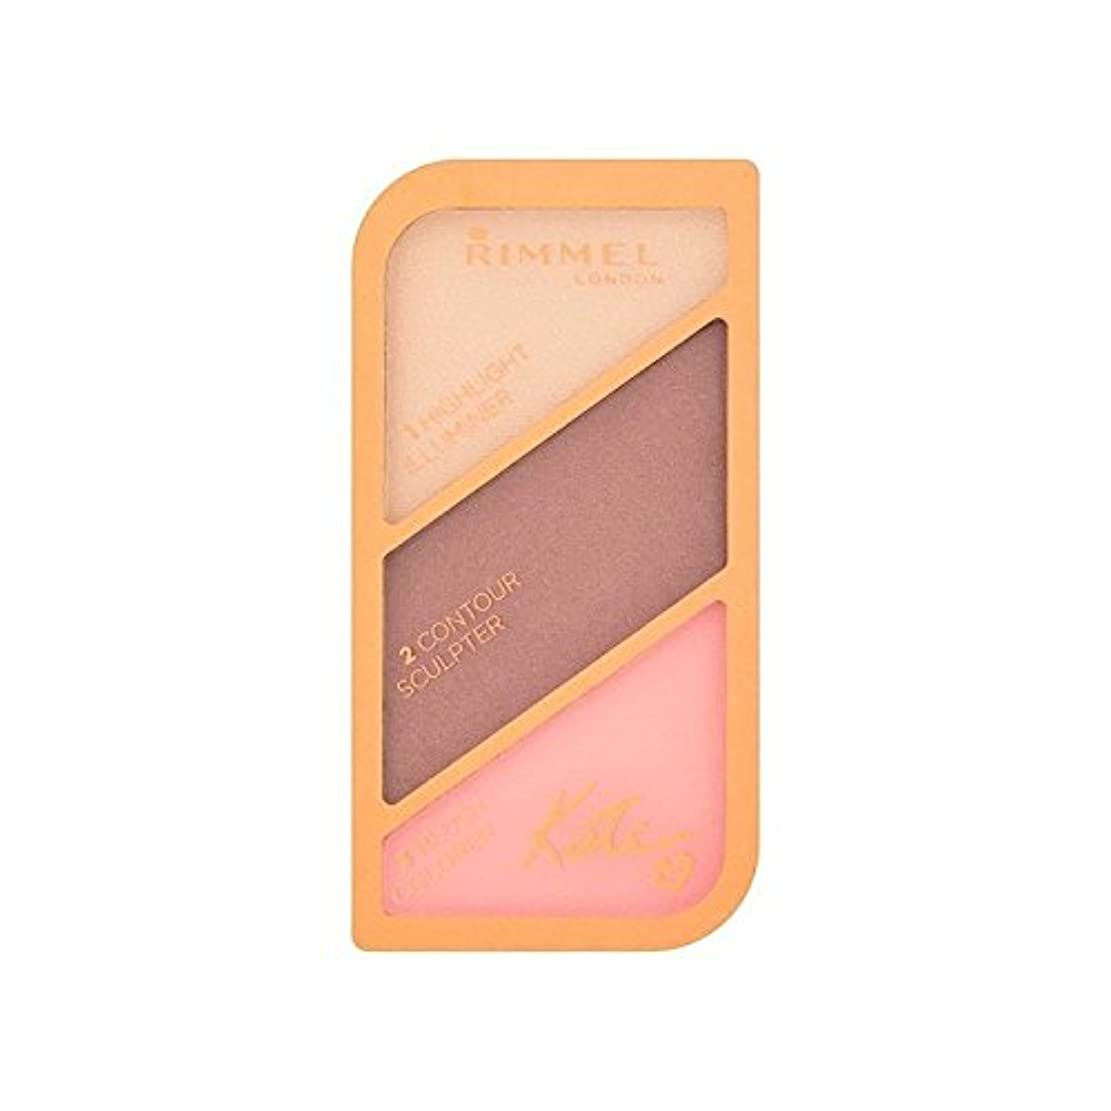 変えるアクセント前提条件リンメルケイト?モスの彫刻パレット黄金のブロンズ003 x4 - Rimmel Kate Moss Sculpting Palette Golden Bronze 003 (Pack of 4) [並行輸入品]